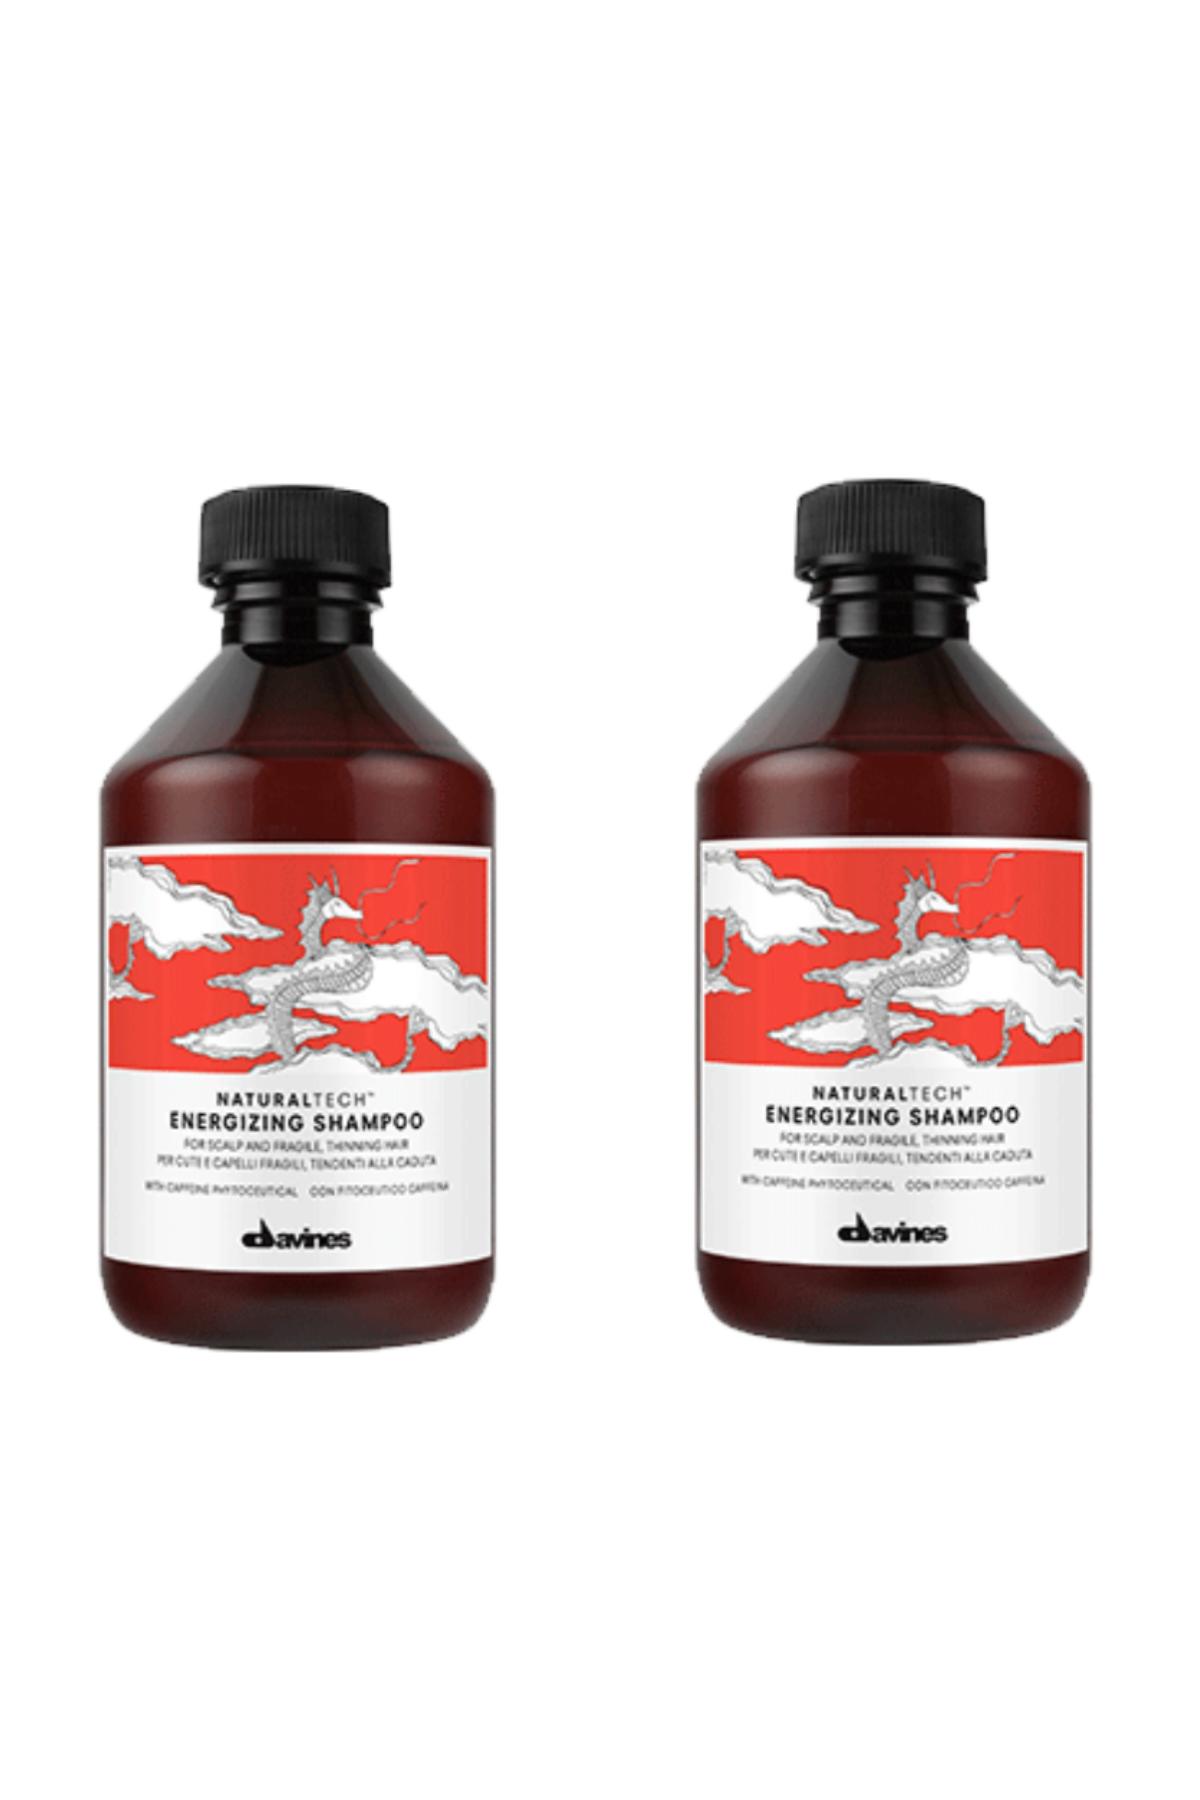 Davines Energizing Dökülme Önleyici Şampuan 250 ml x 2 Adet